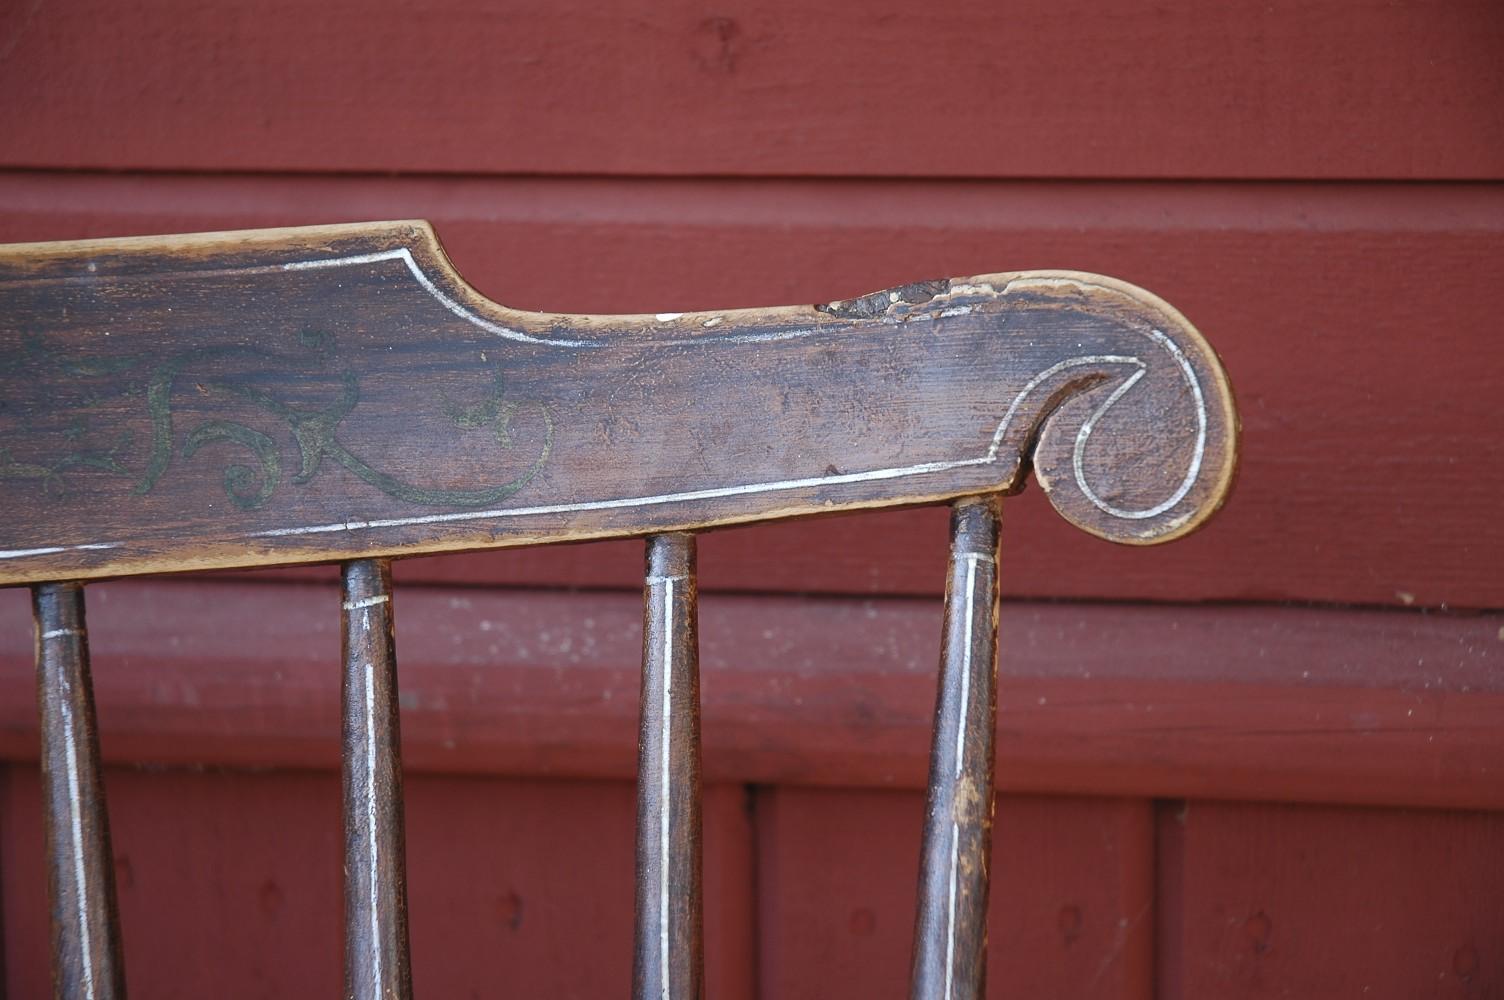 detalj av en gammal pinnstol med ursprunglig målning. foto: Lars Petersson